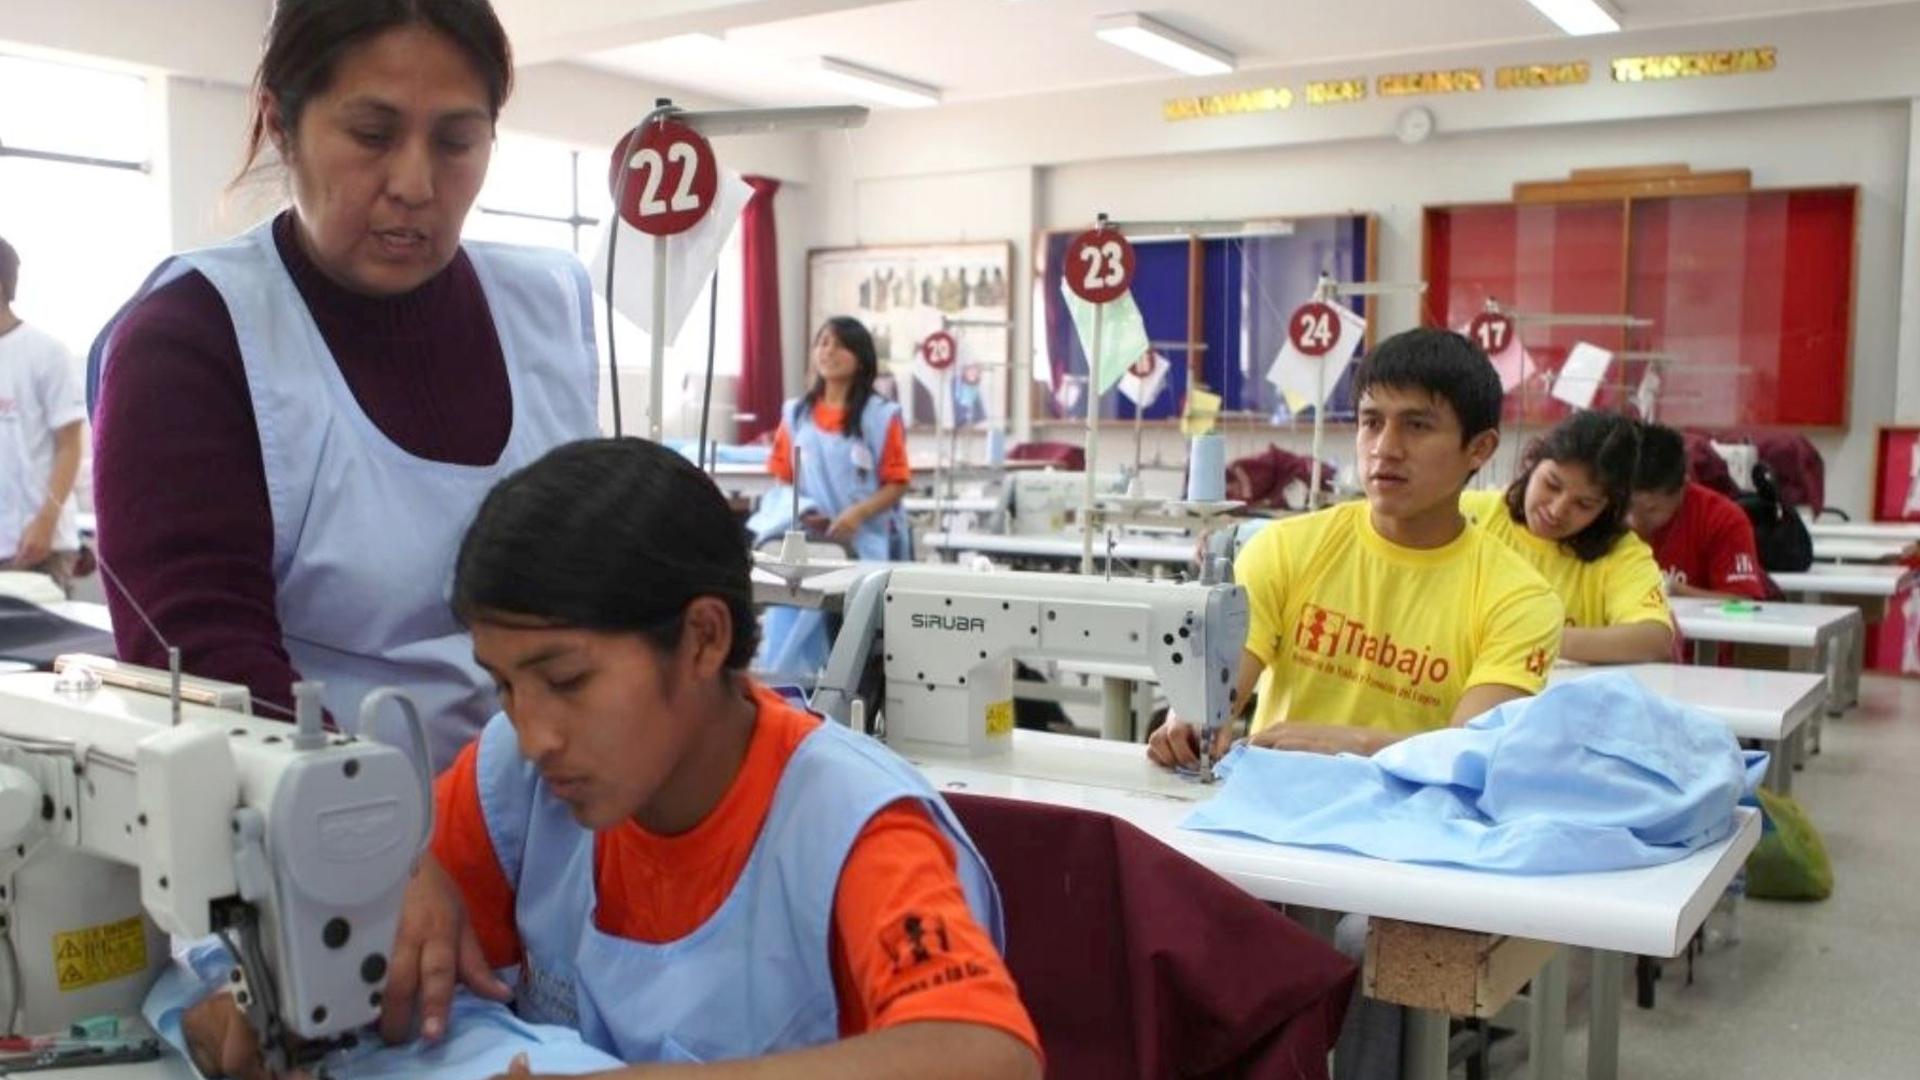 alcances-de-la-norma-labora-para-jovenes